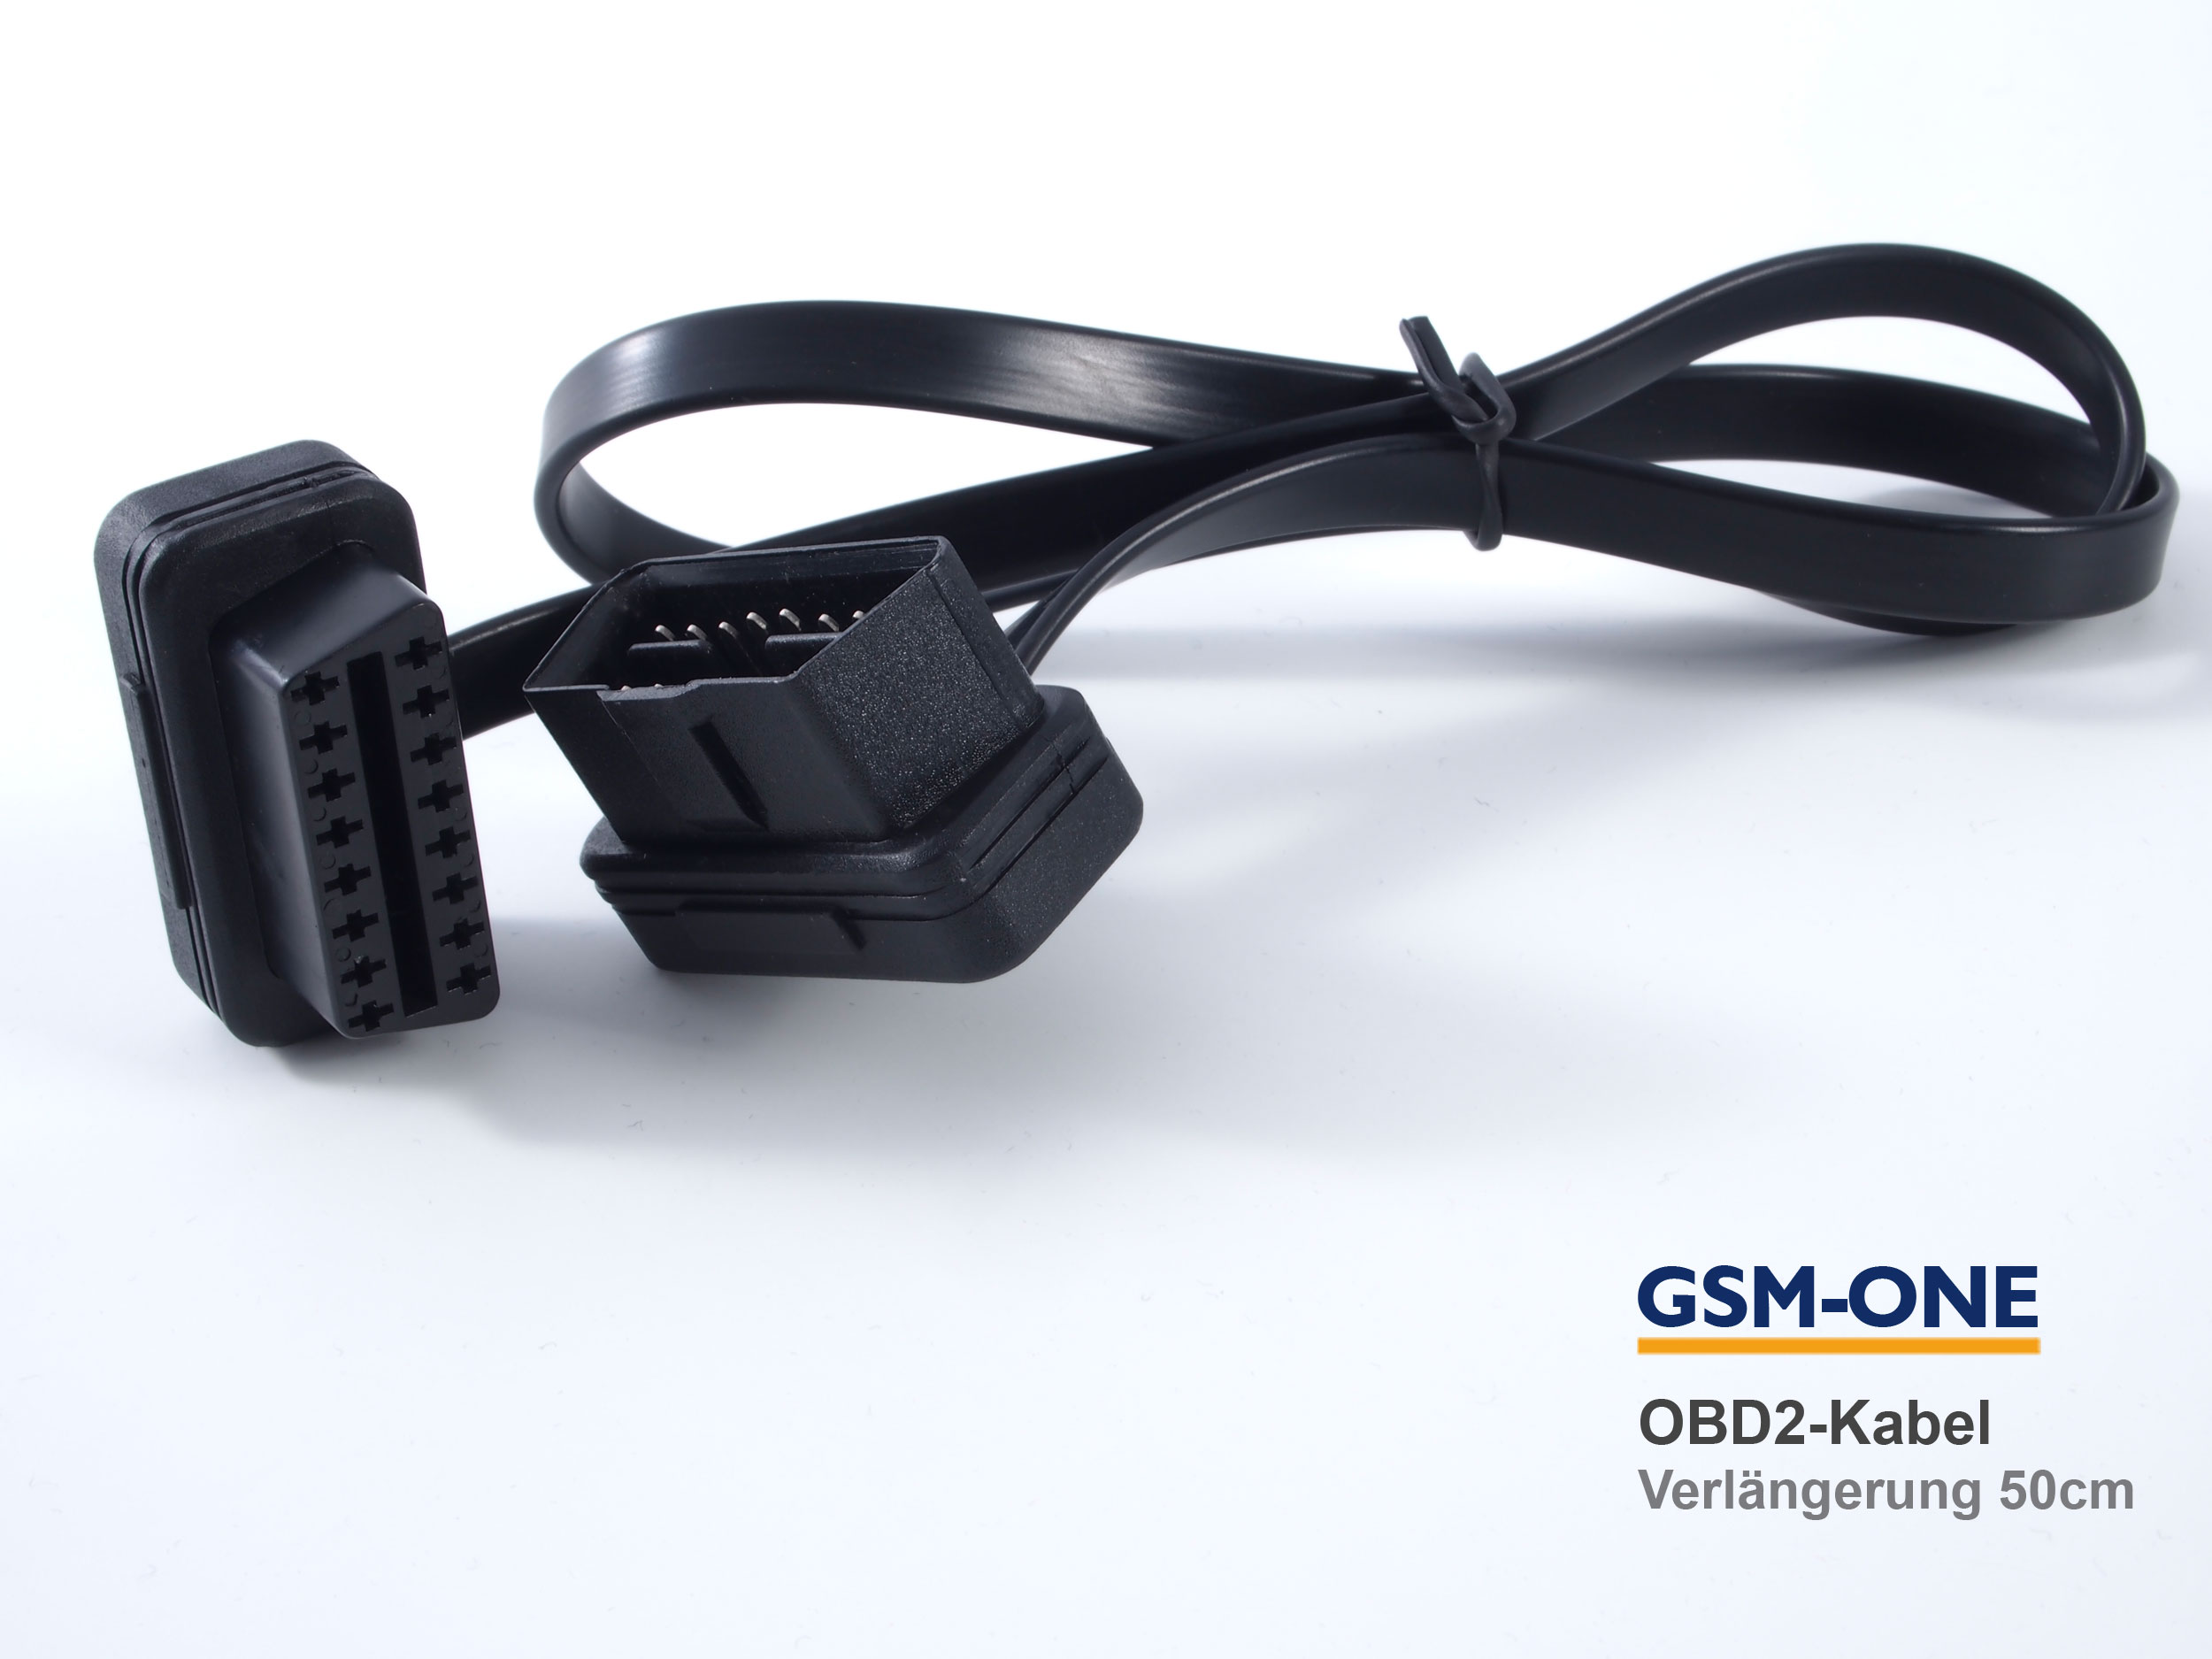 OBD2 Verlängerungskabel für TRACY Tracker. Länge: 50cm: DRH-OBD-KB50